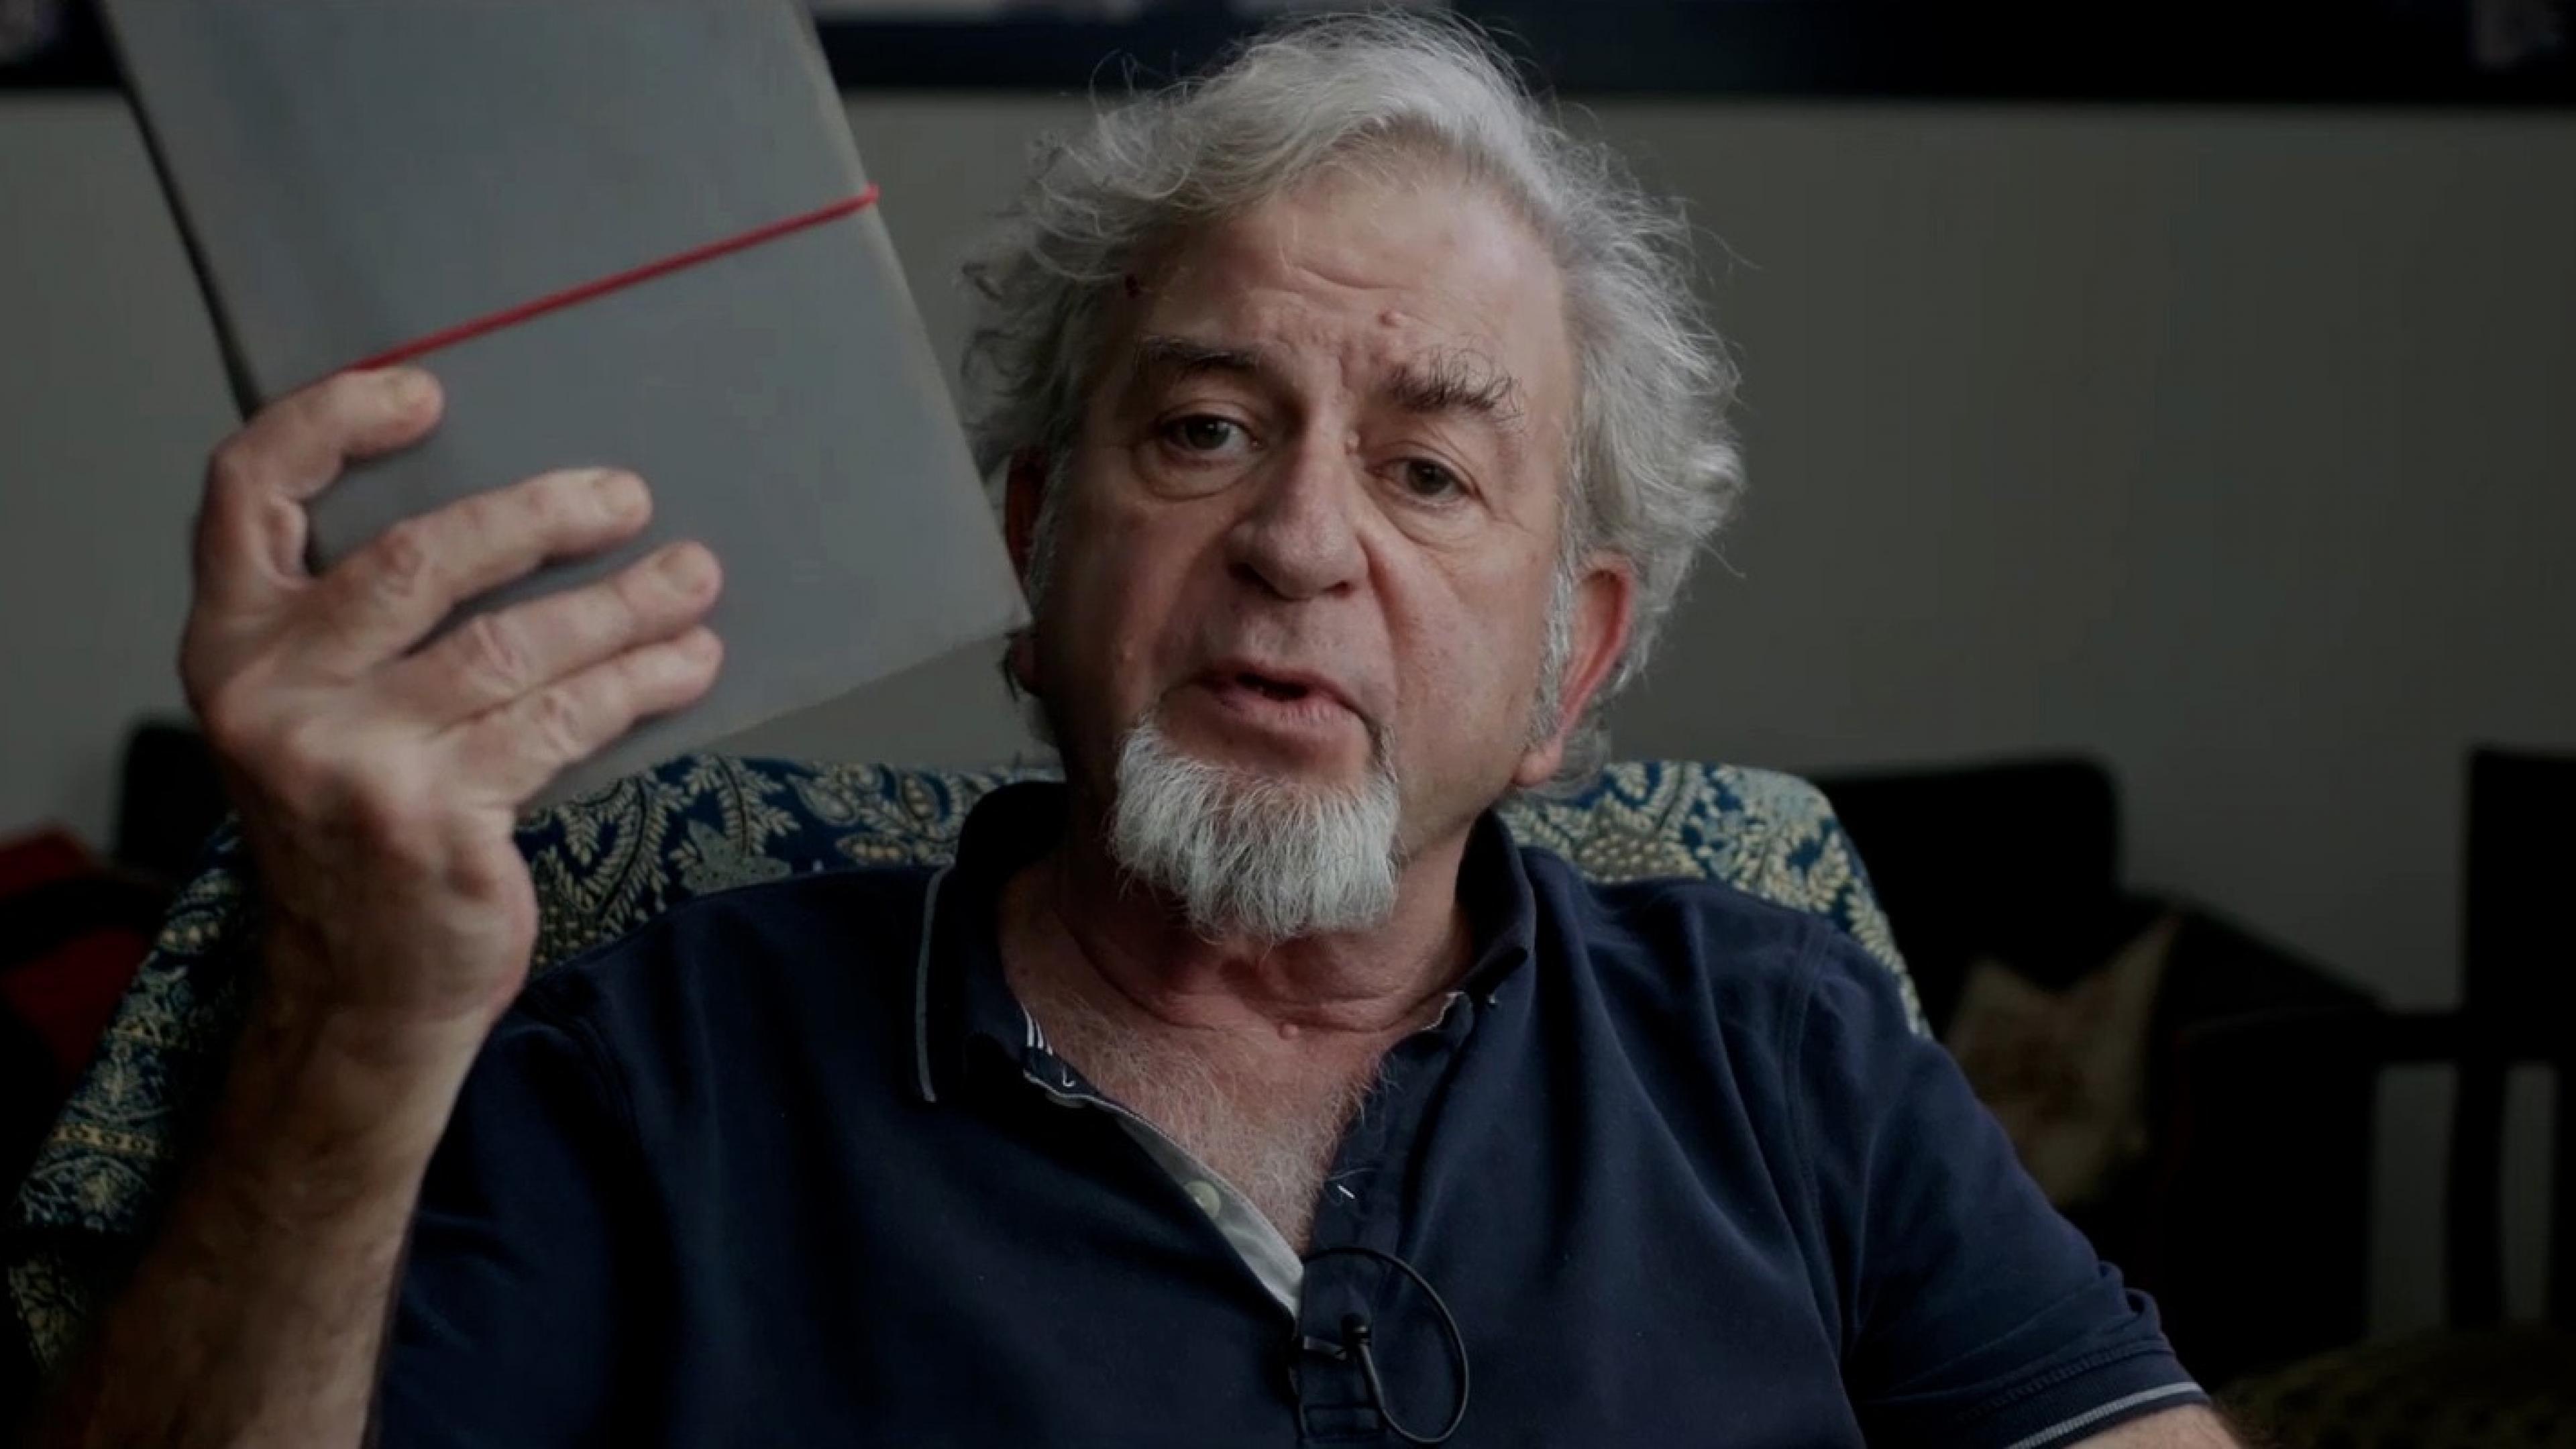 Regisseur Avi Mograbi blickt in die Kamera, spricht dabei und hält dabei in der rechten Hand ein Notizbuch hoch.